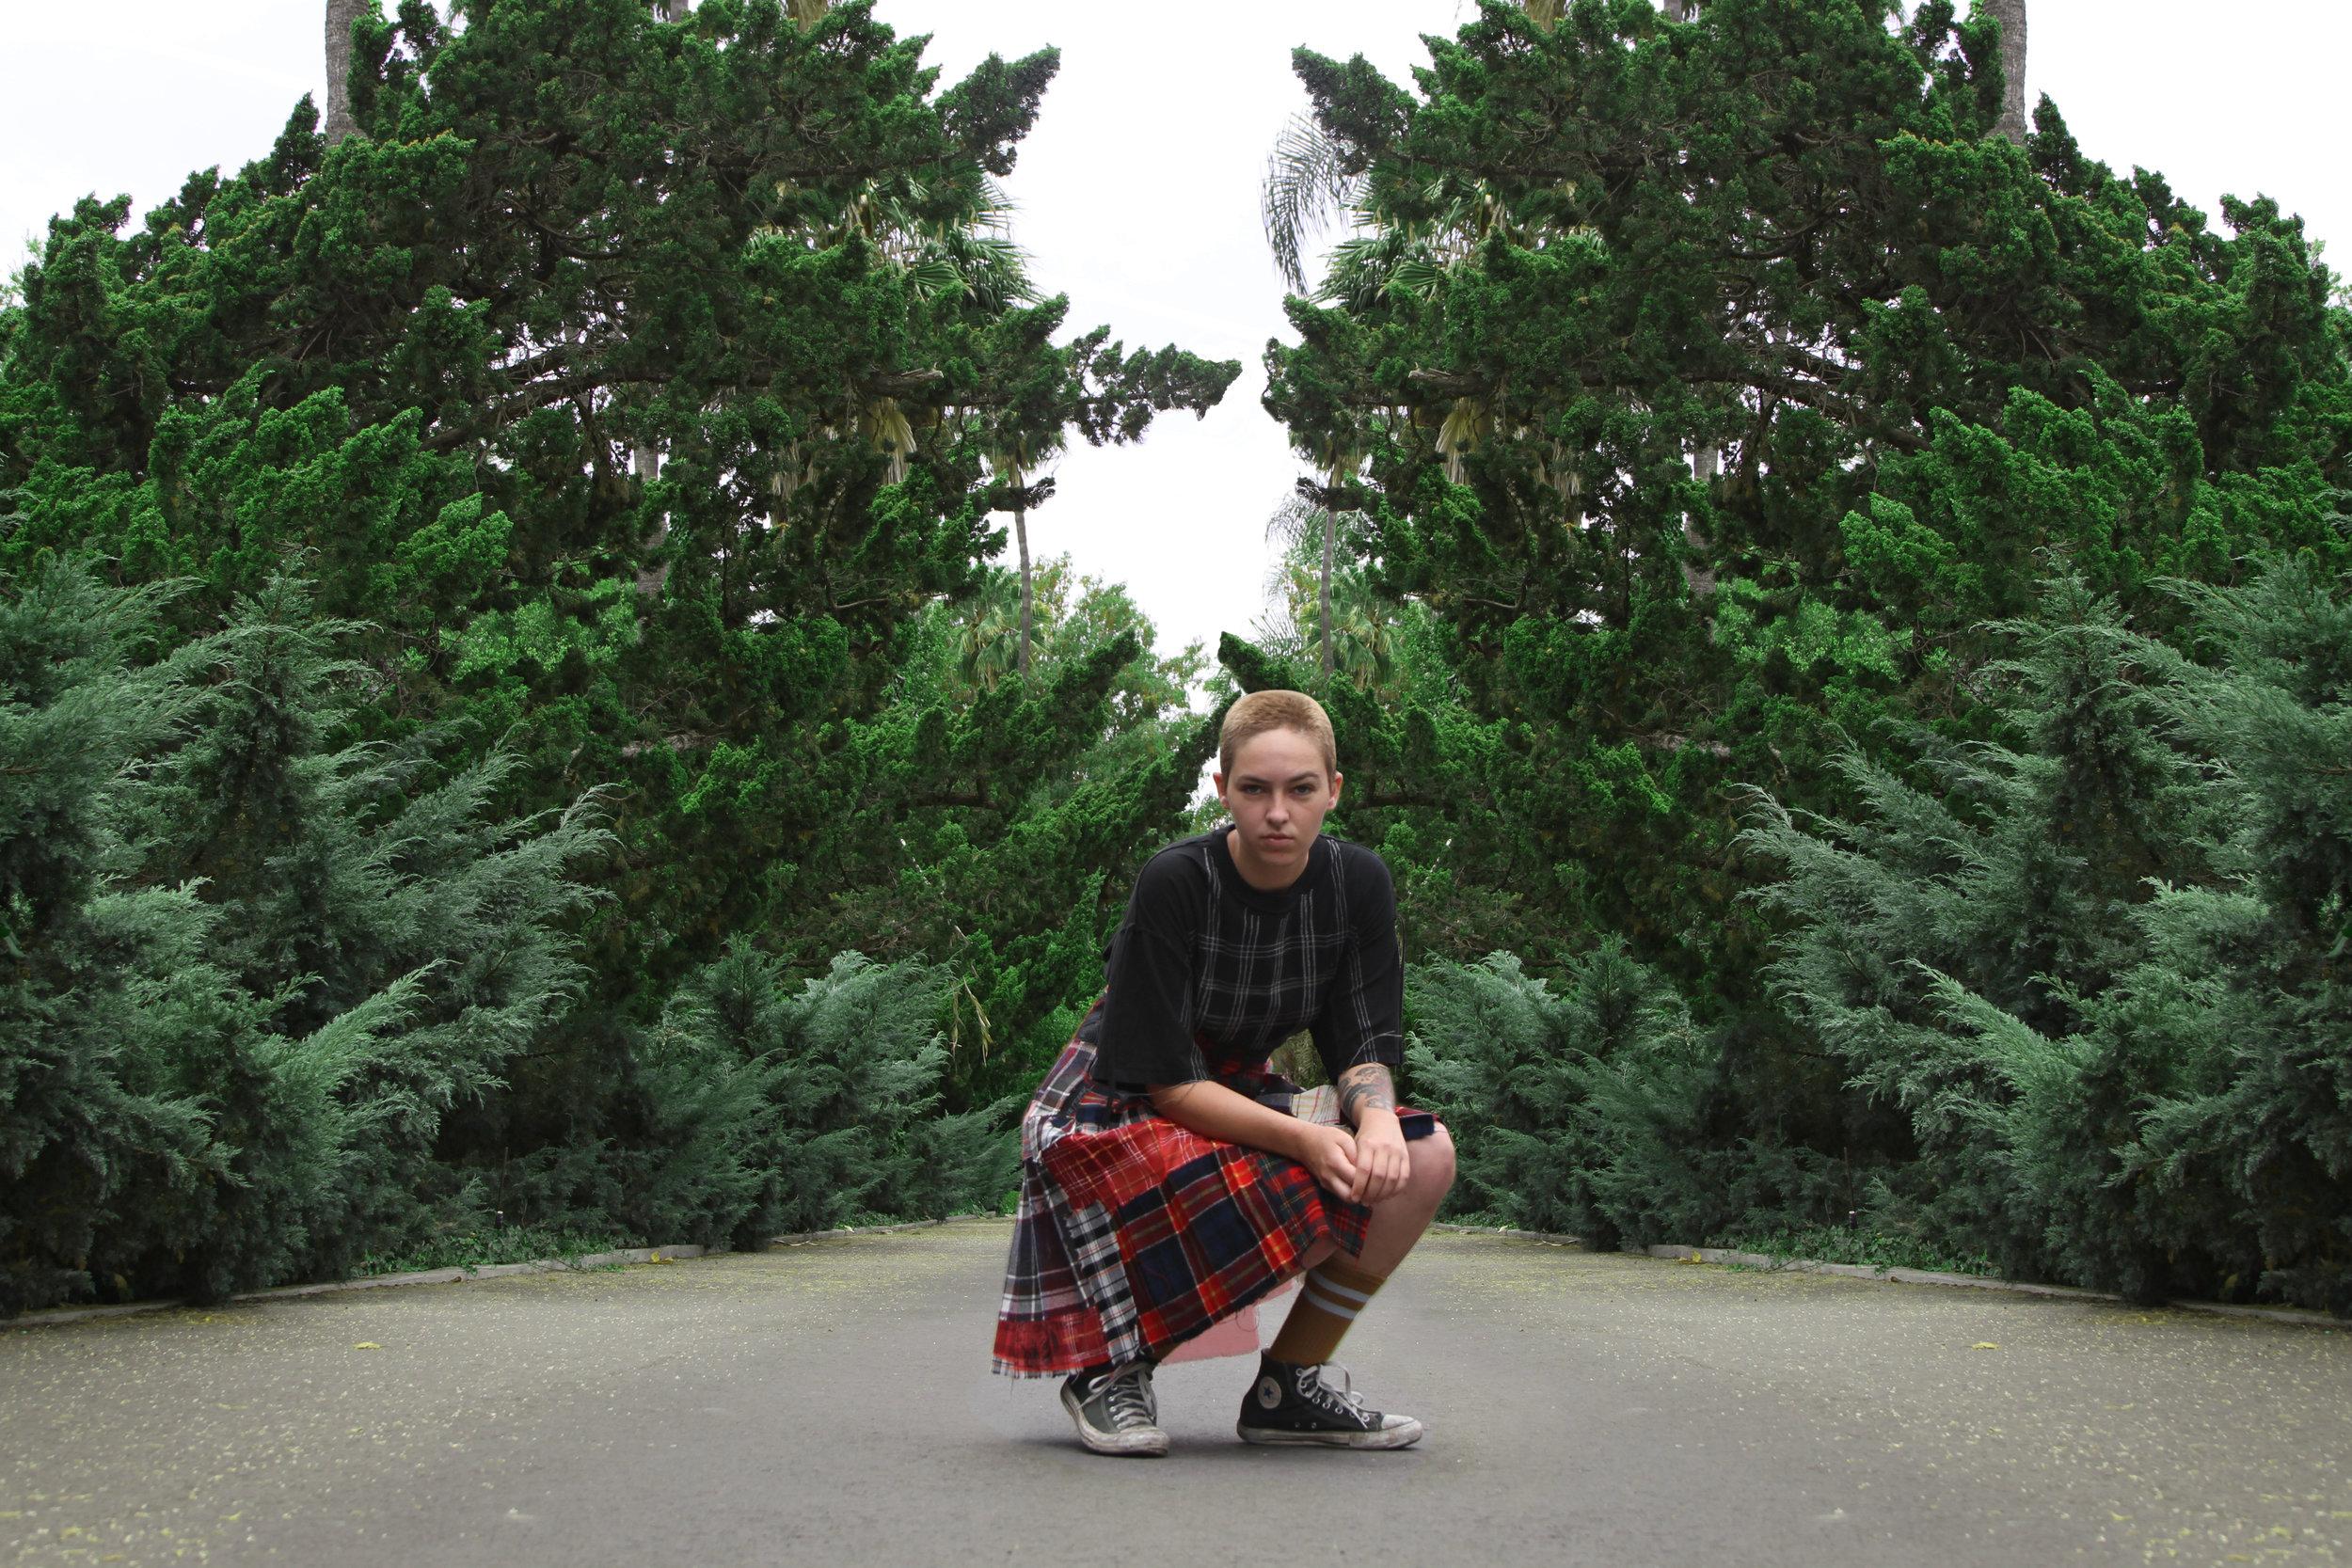 Nat_Kilt_Trees_1_Full.jpg